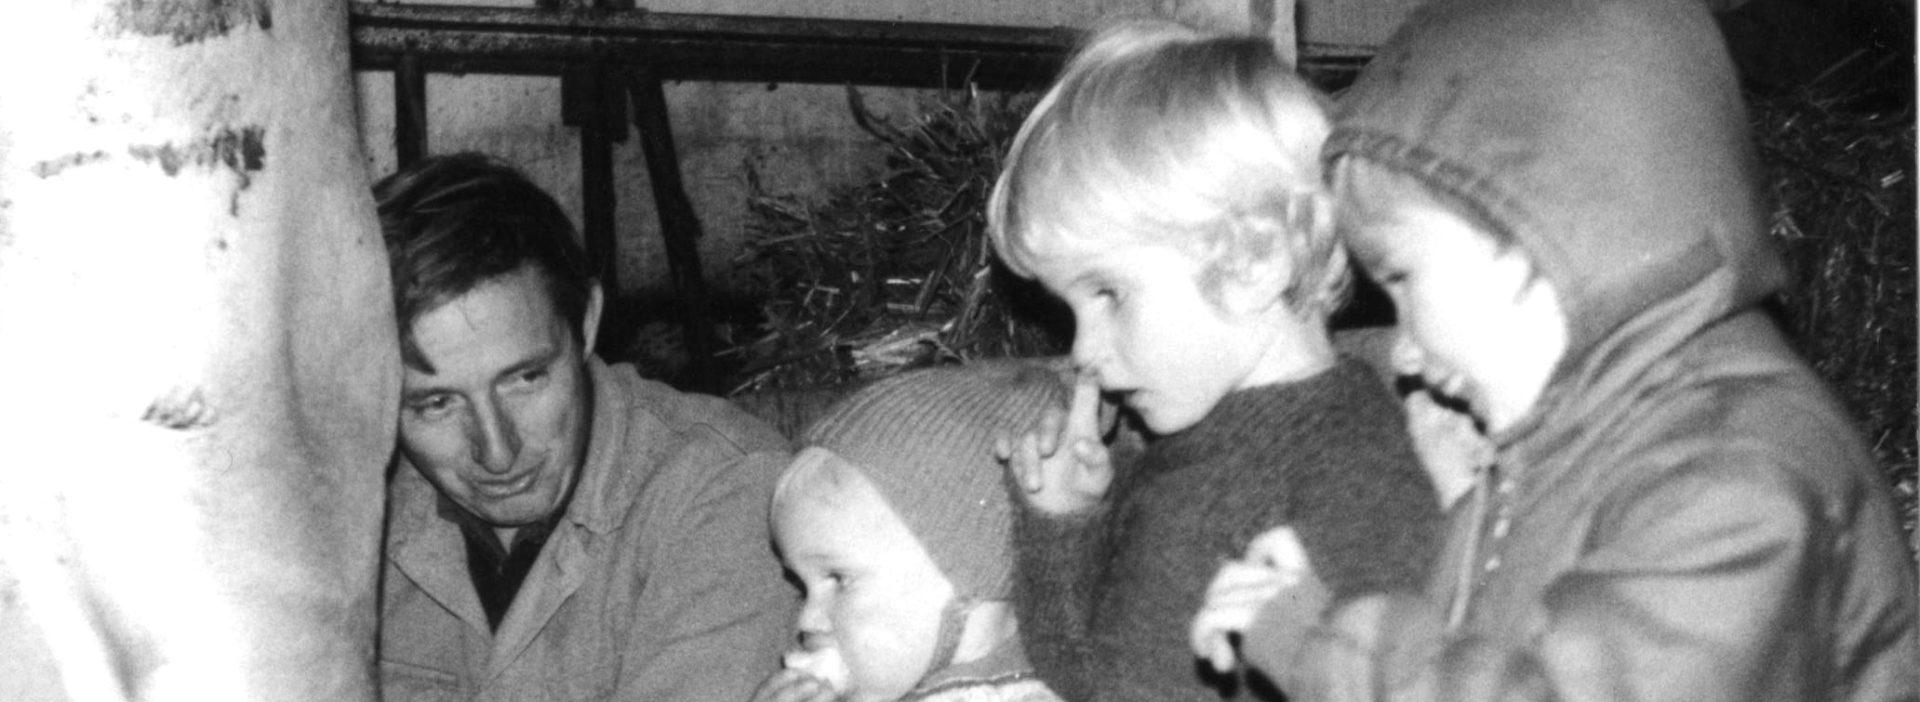 Ueli, Martin, Beat, und Brigitte Jucker beim Kuhmelken